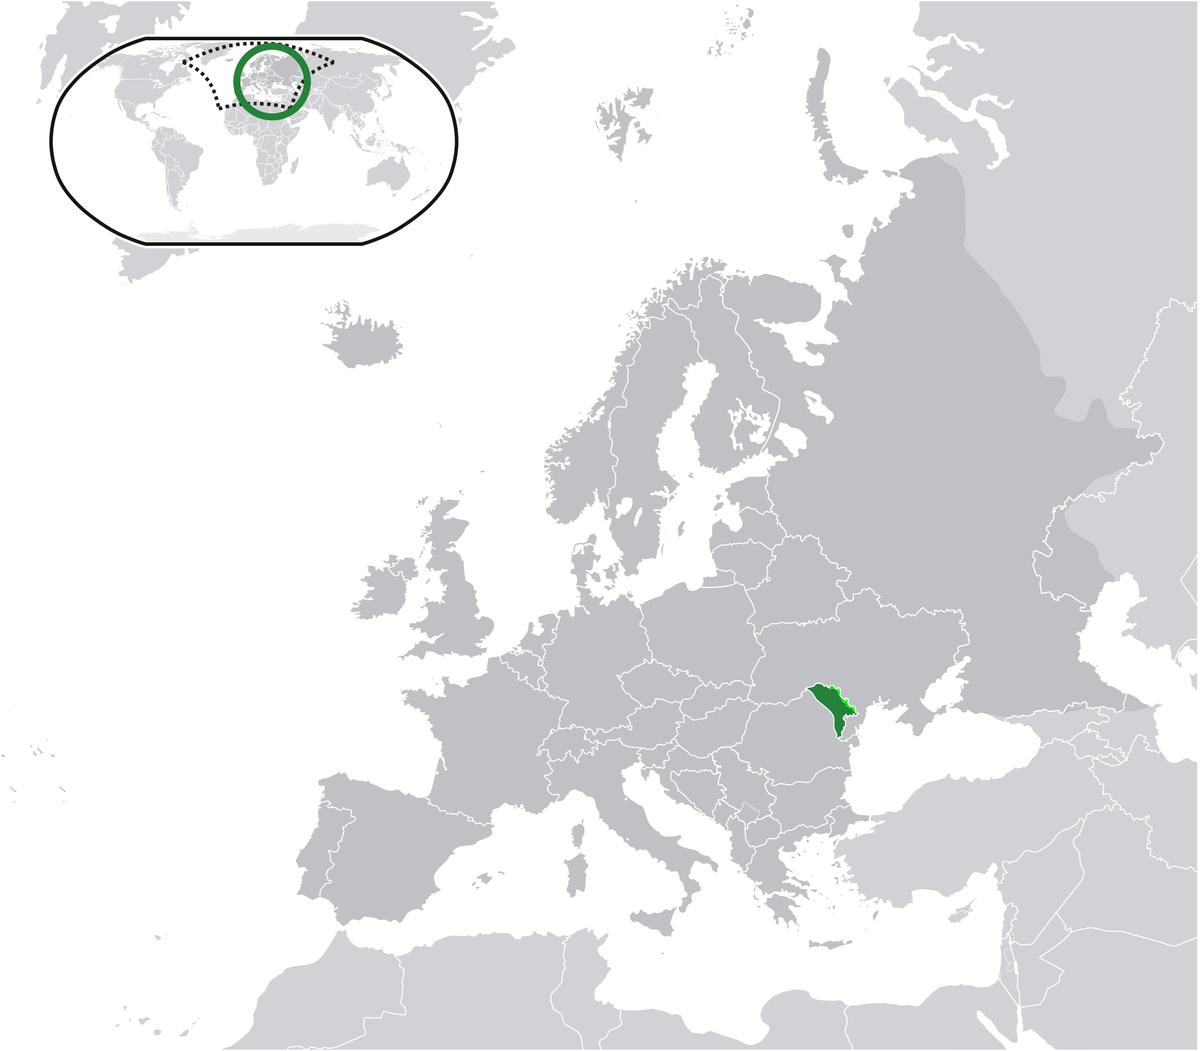 Capital punishment in Moldova Wikipedia